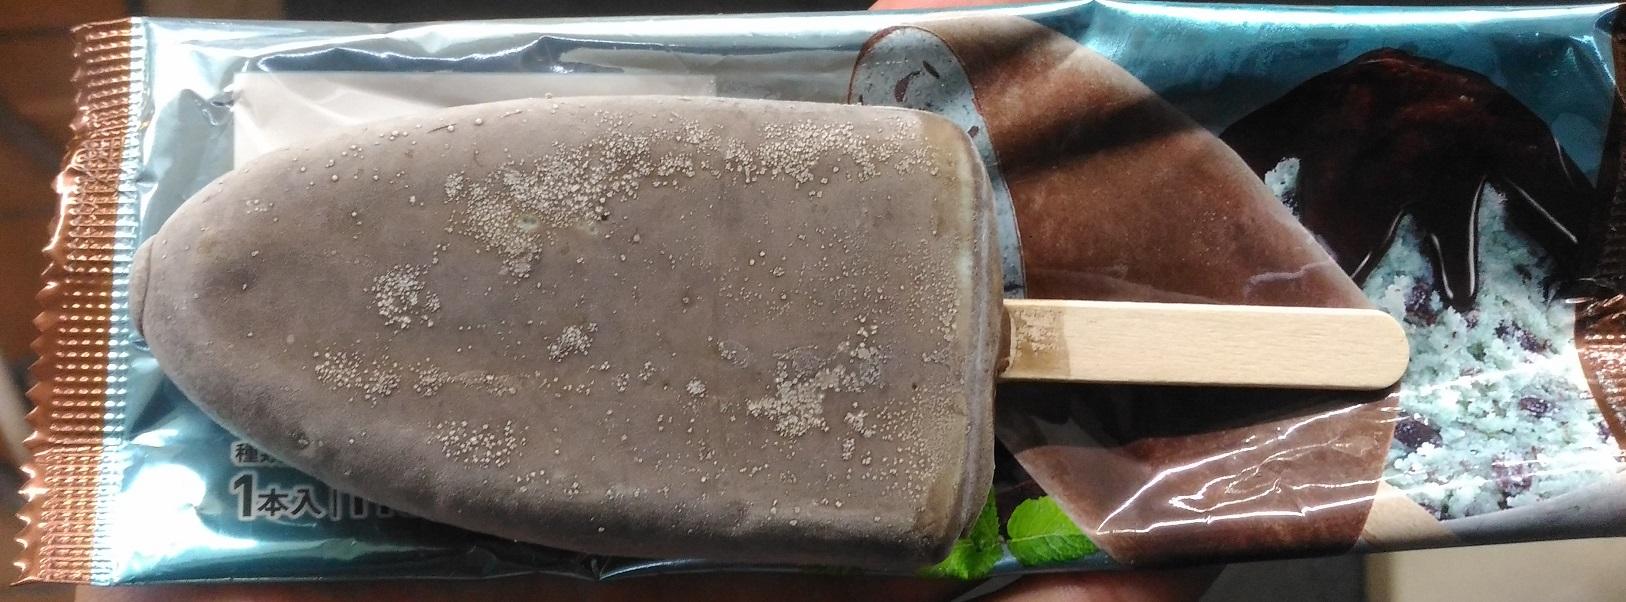 チョコミント氷バー